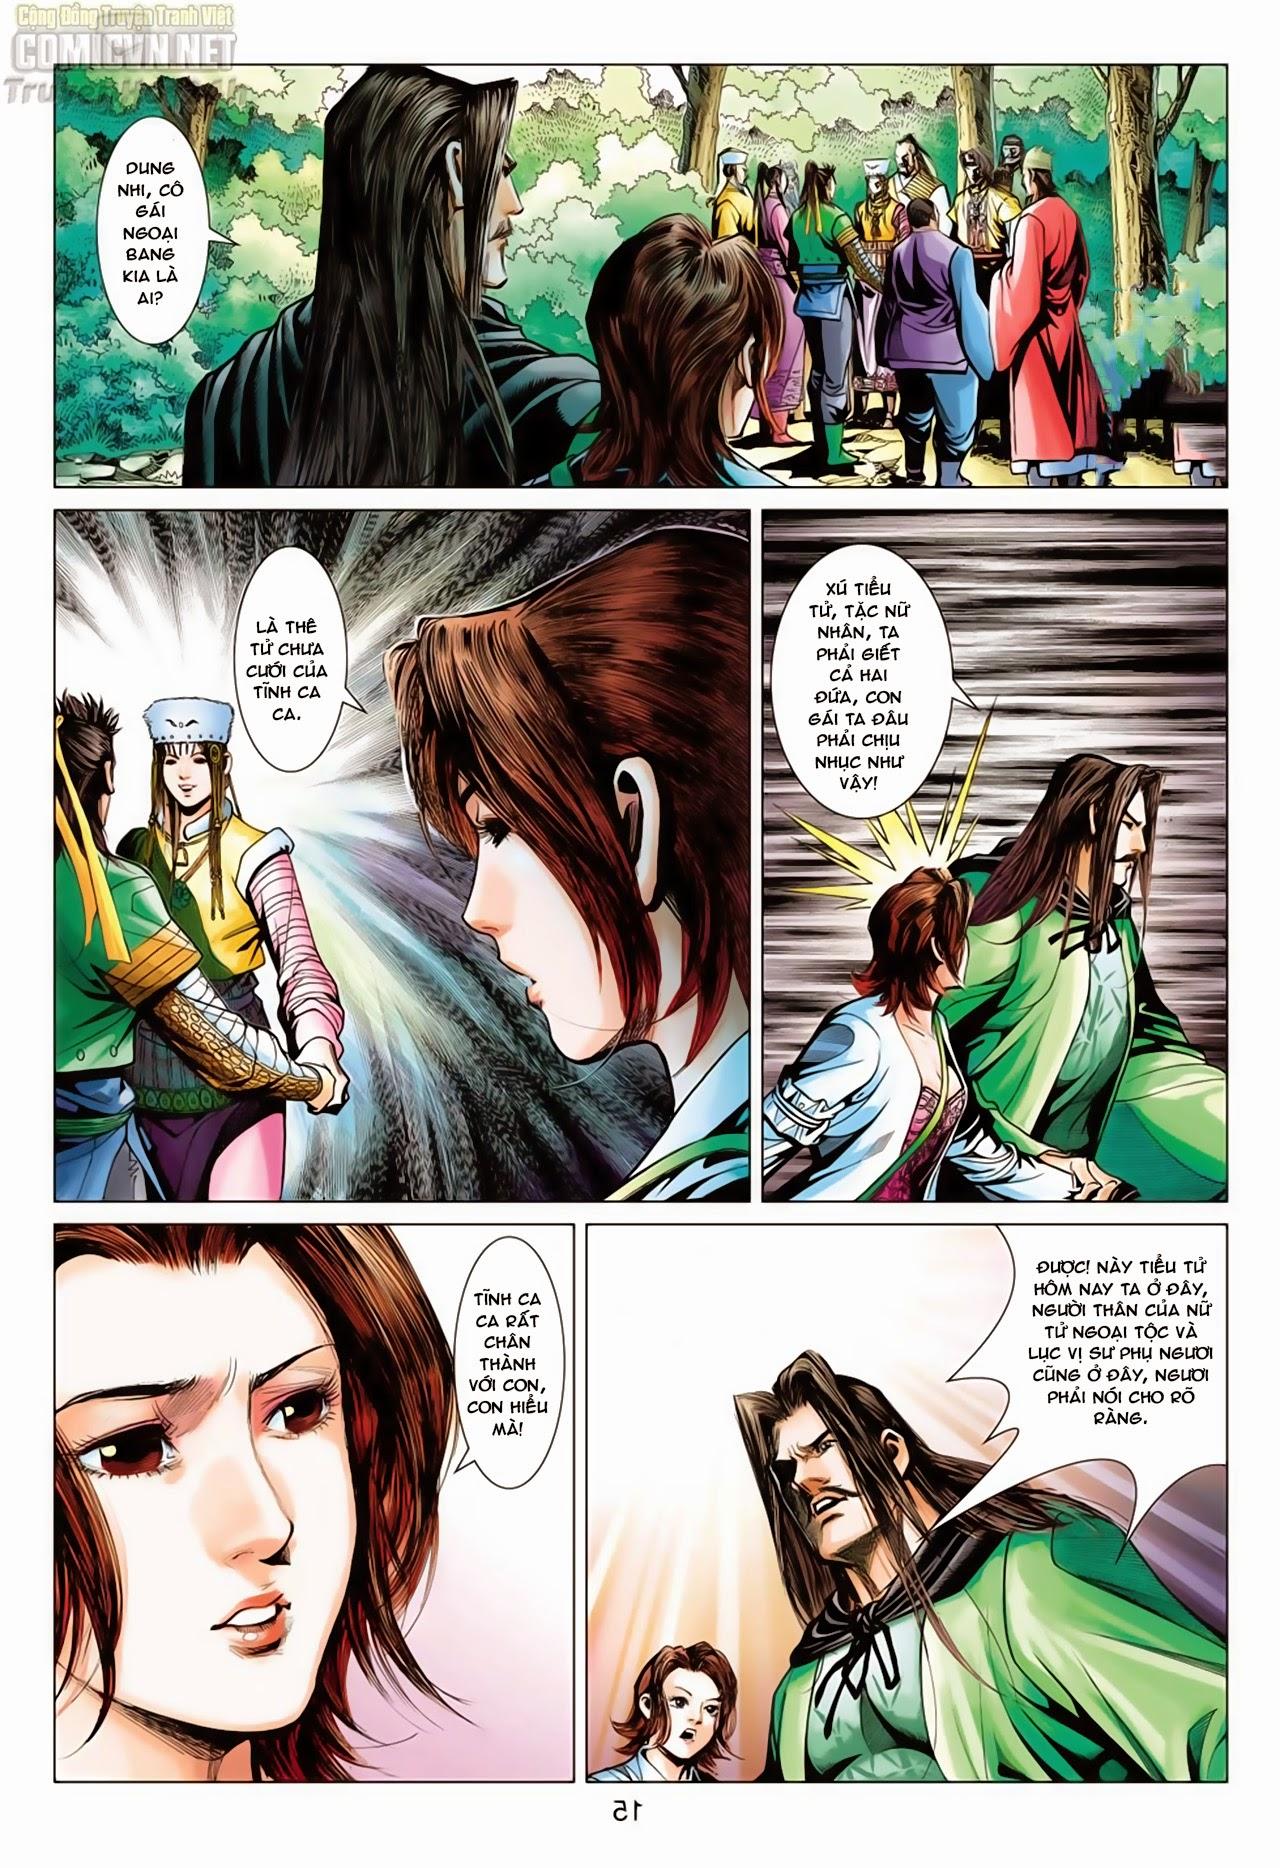 Anh Hùng Xạ Điêu anh hùng xạ đêu chap 65: cái bang tân chủ trang 15